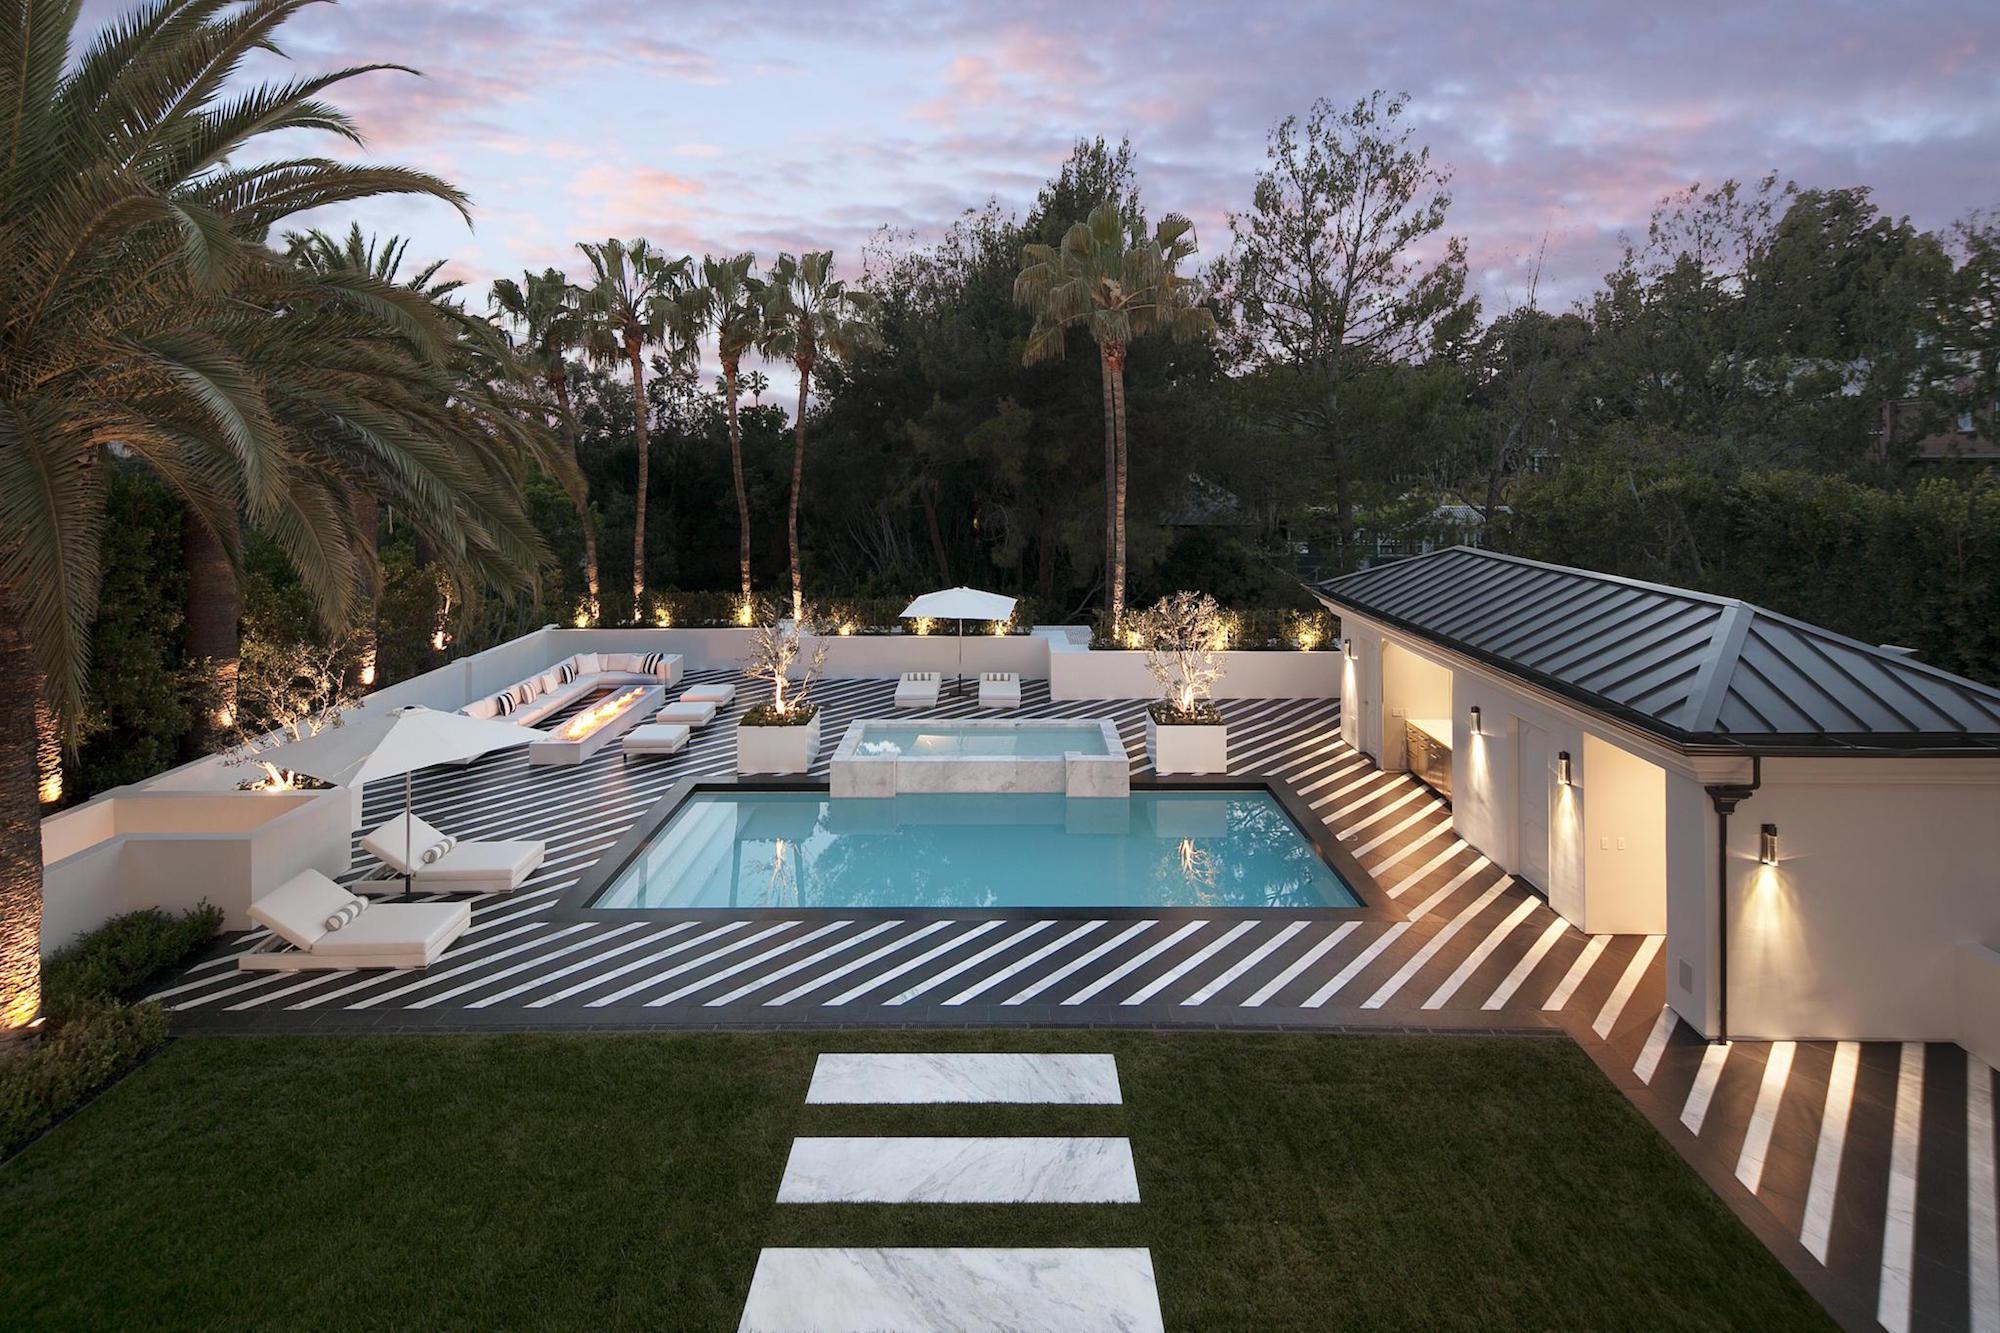 Das Beste für den Champ: Floyd Mayweather kauft Anwesen in Beverly Hills 2